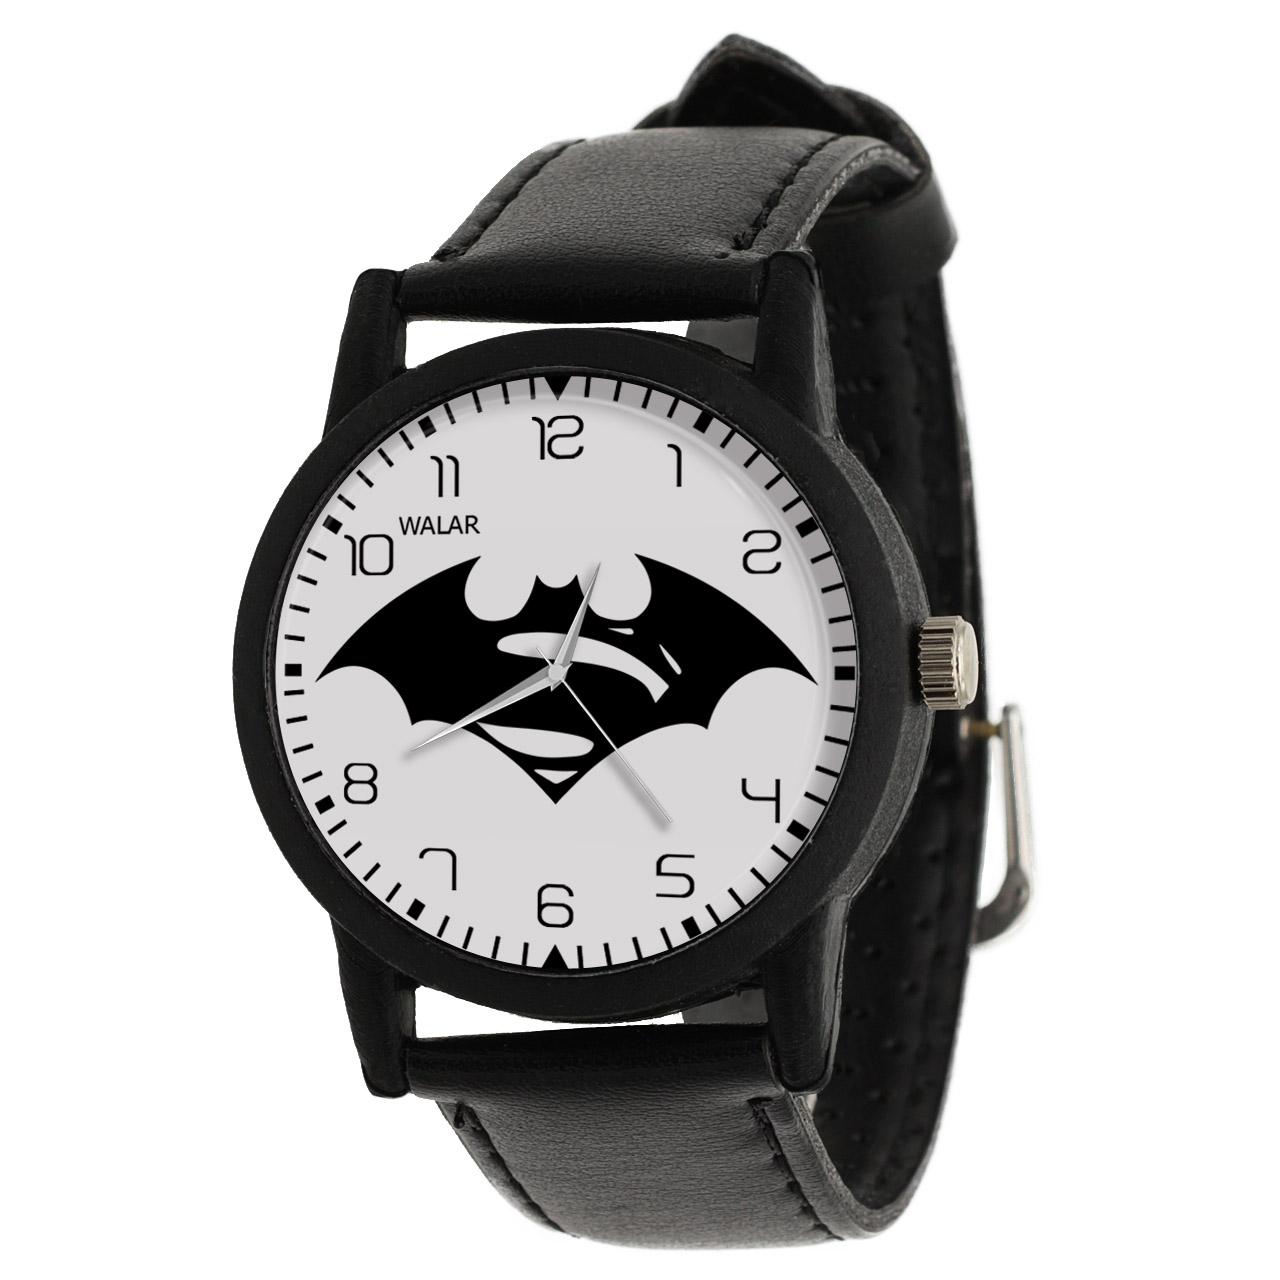 ساعت مچی عقربه ای والار طرح سوپرمن کد LF2244              ارزان